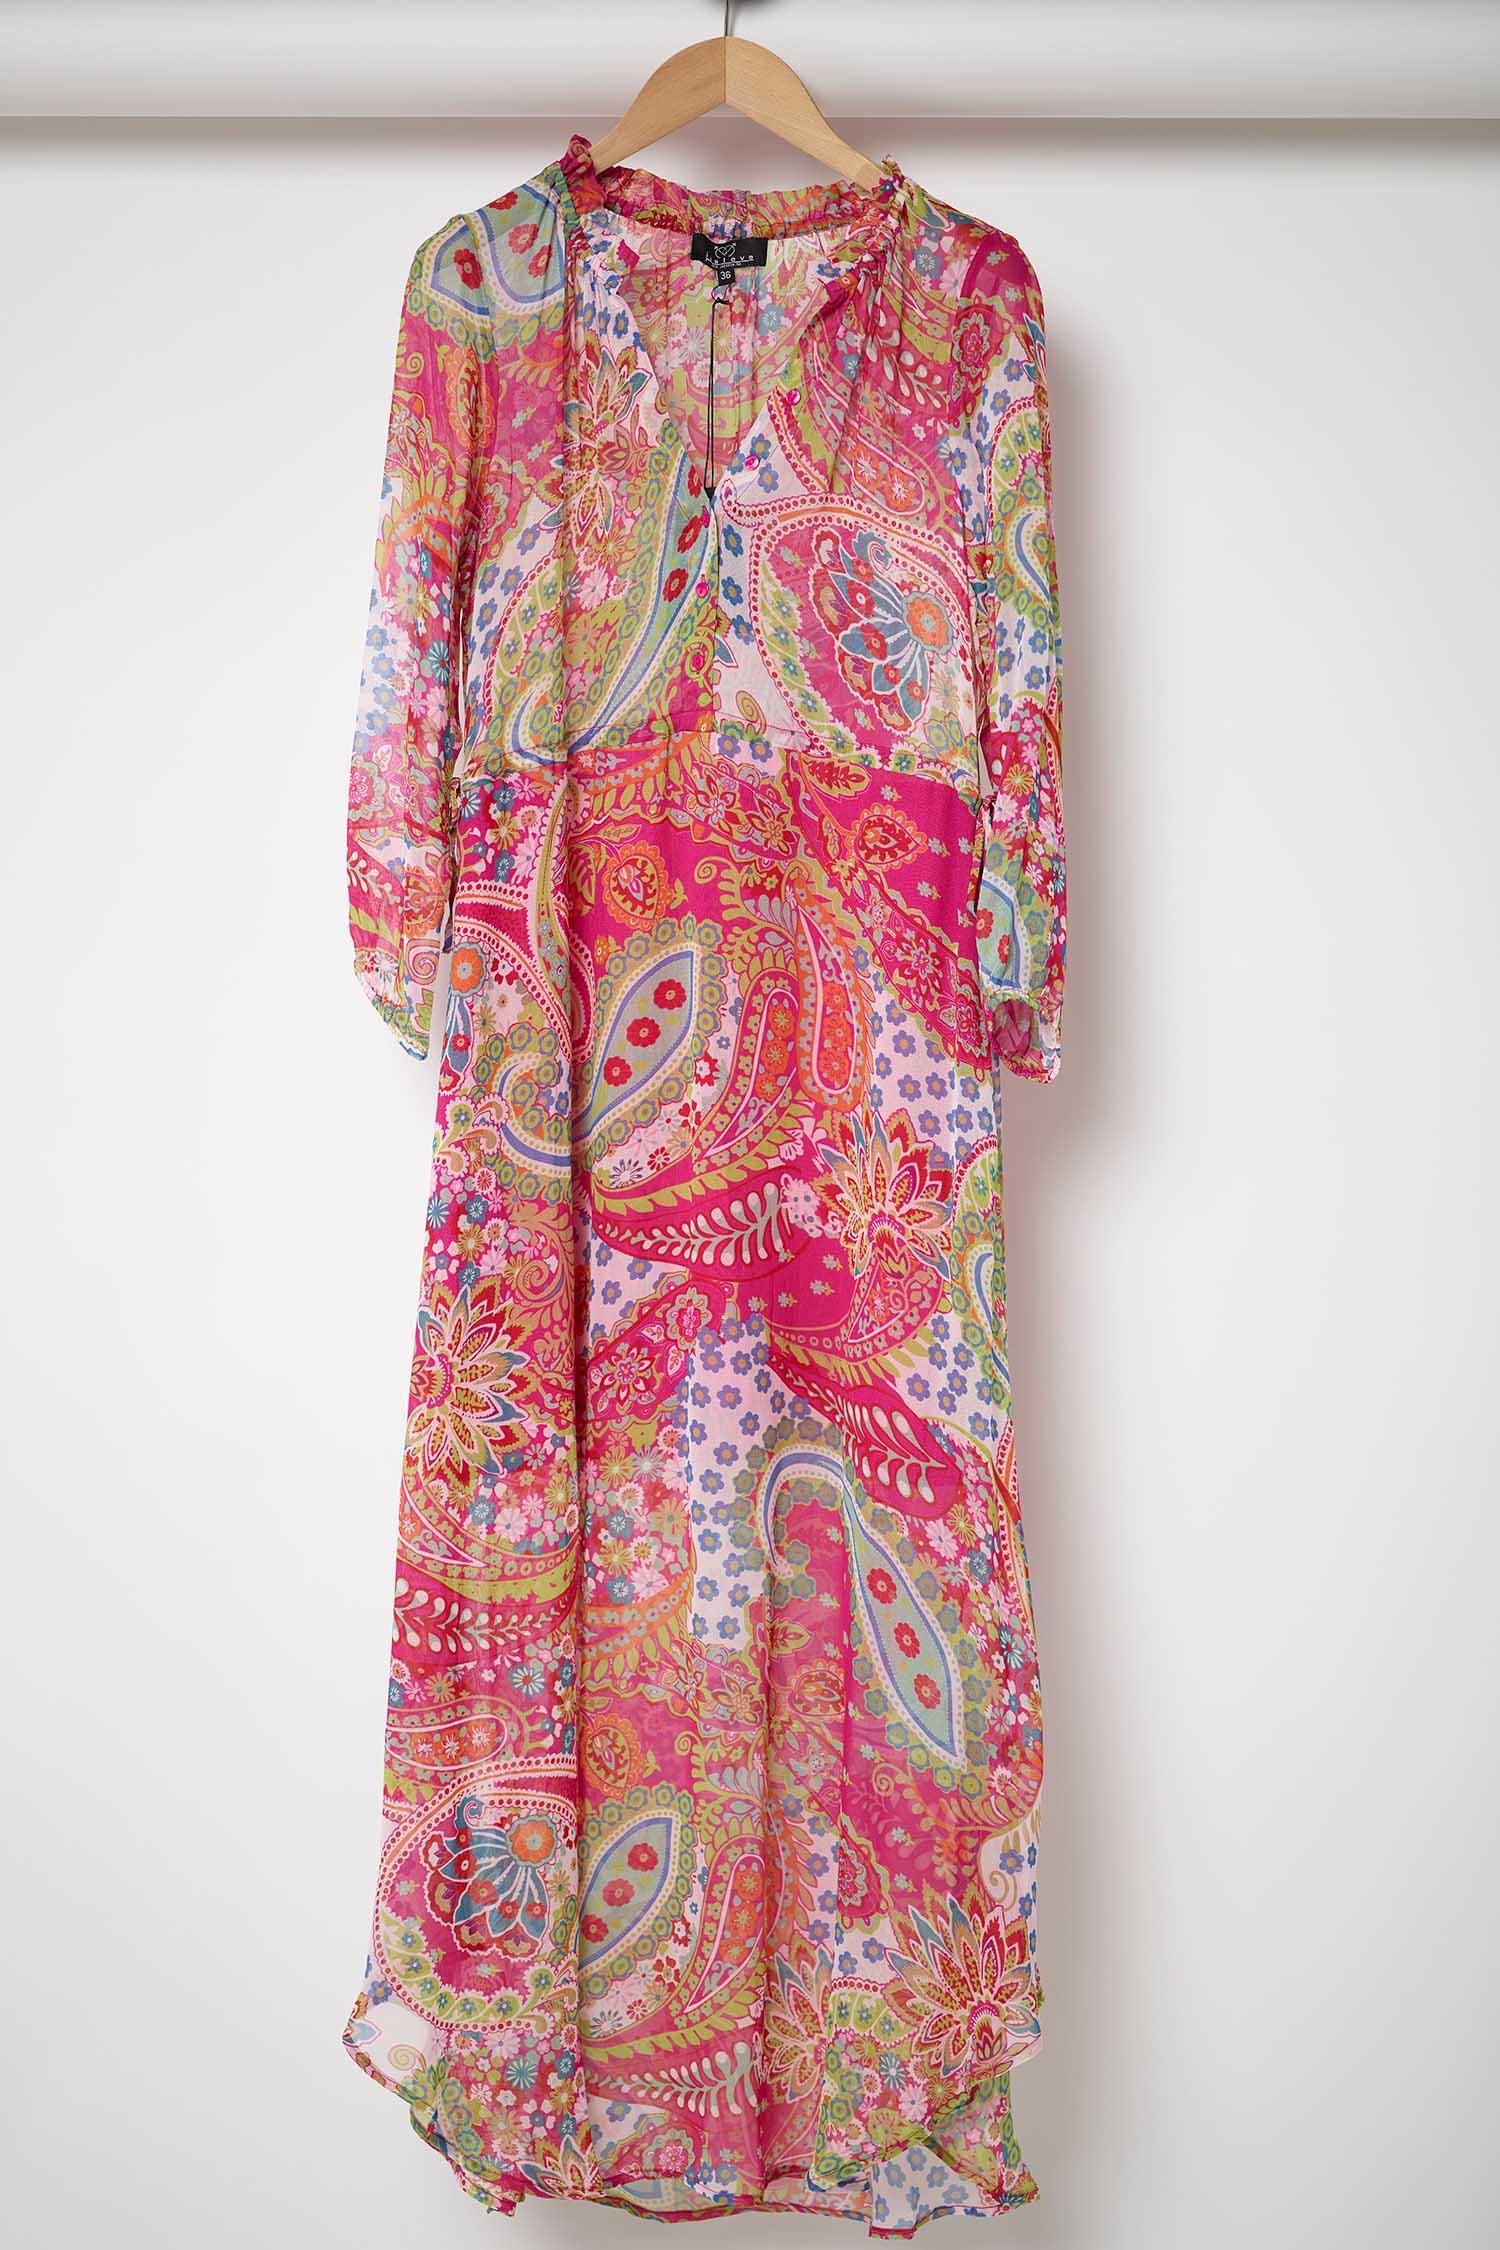 Nieuw just eve, roze maxi dress, lange jurk, leuke print UW-23